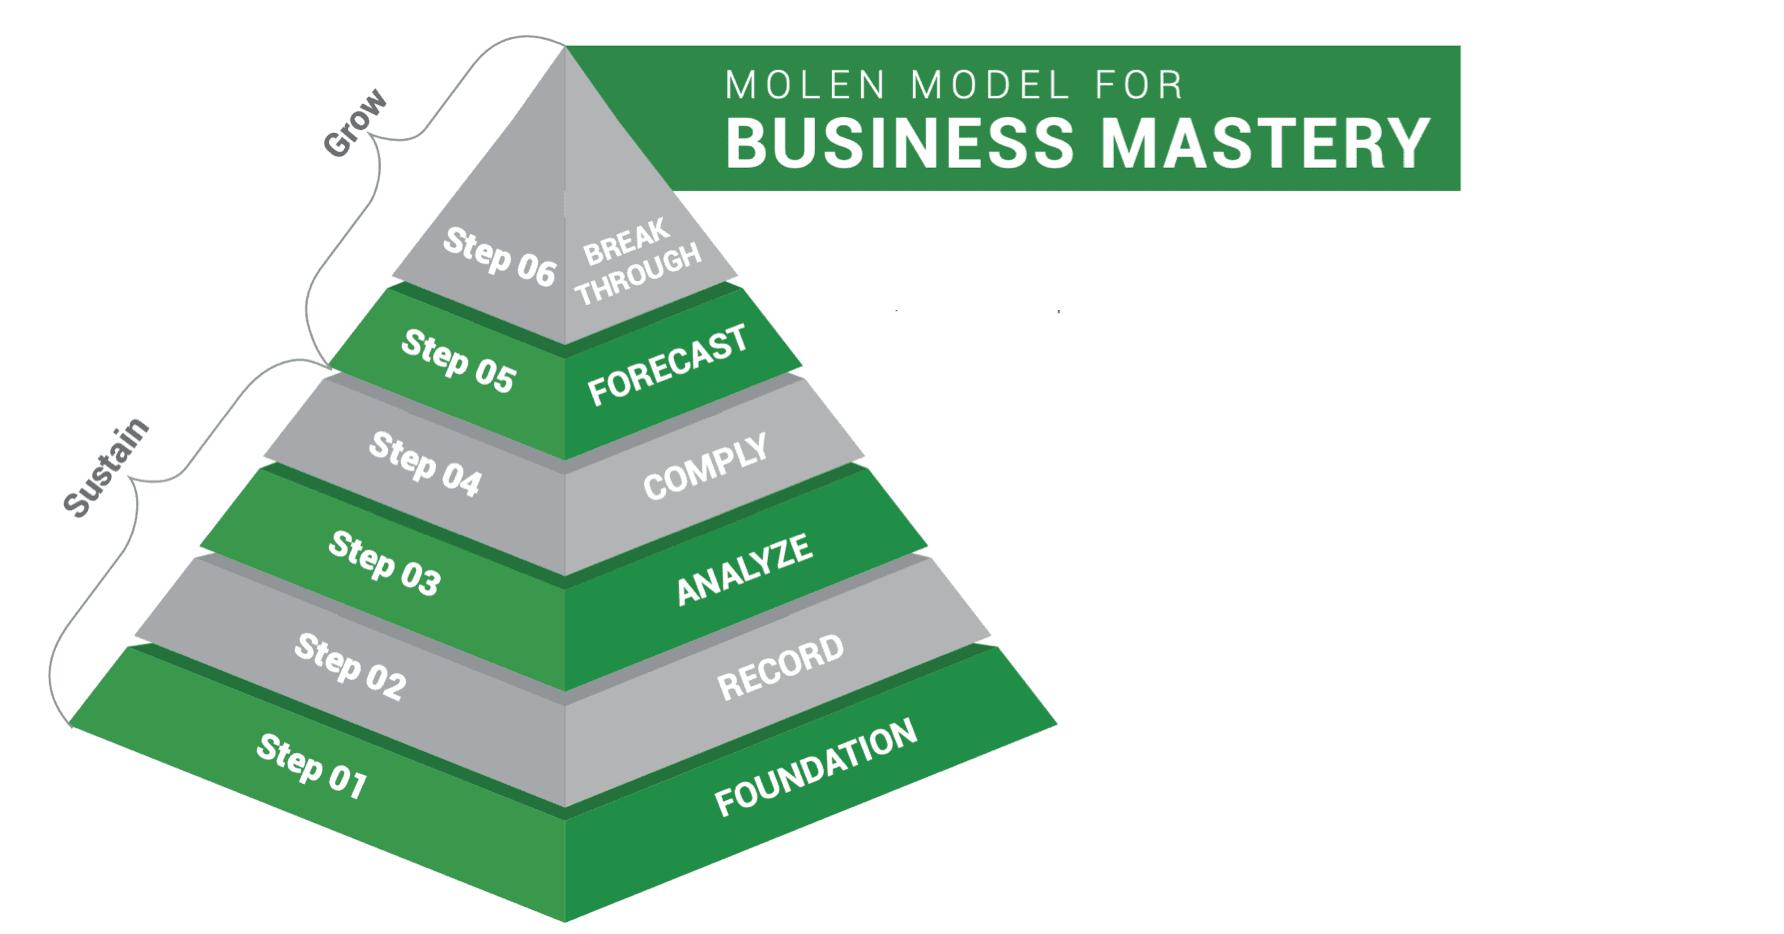 Molen Model for Business Mastery